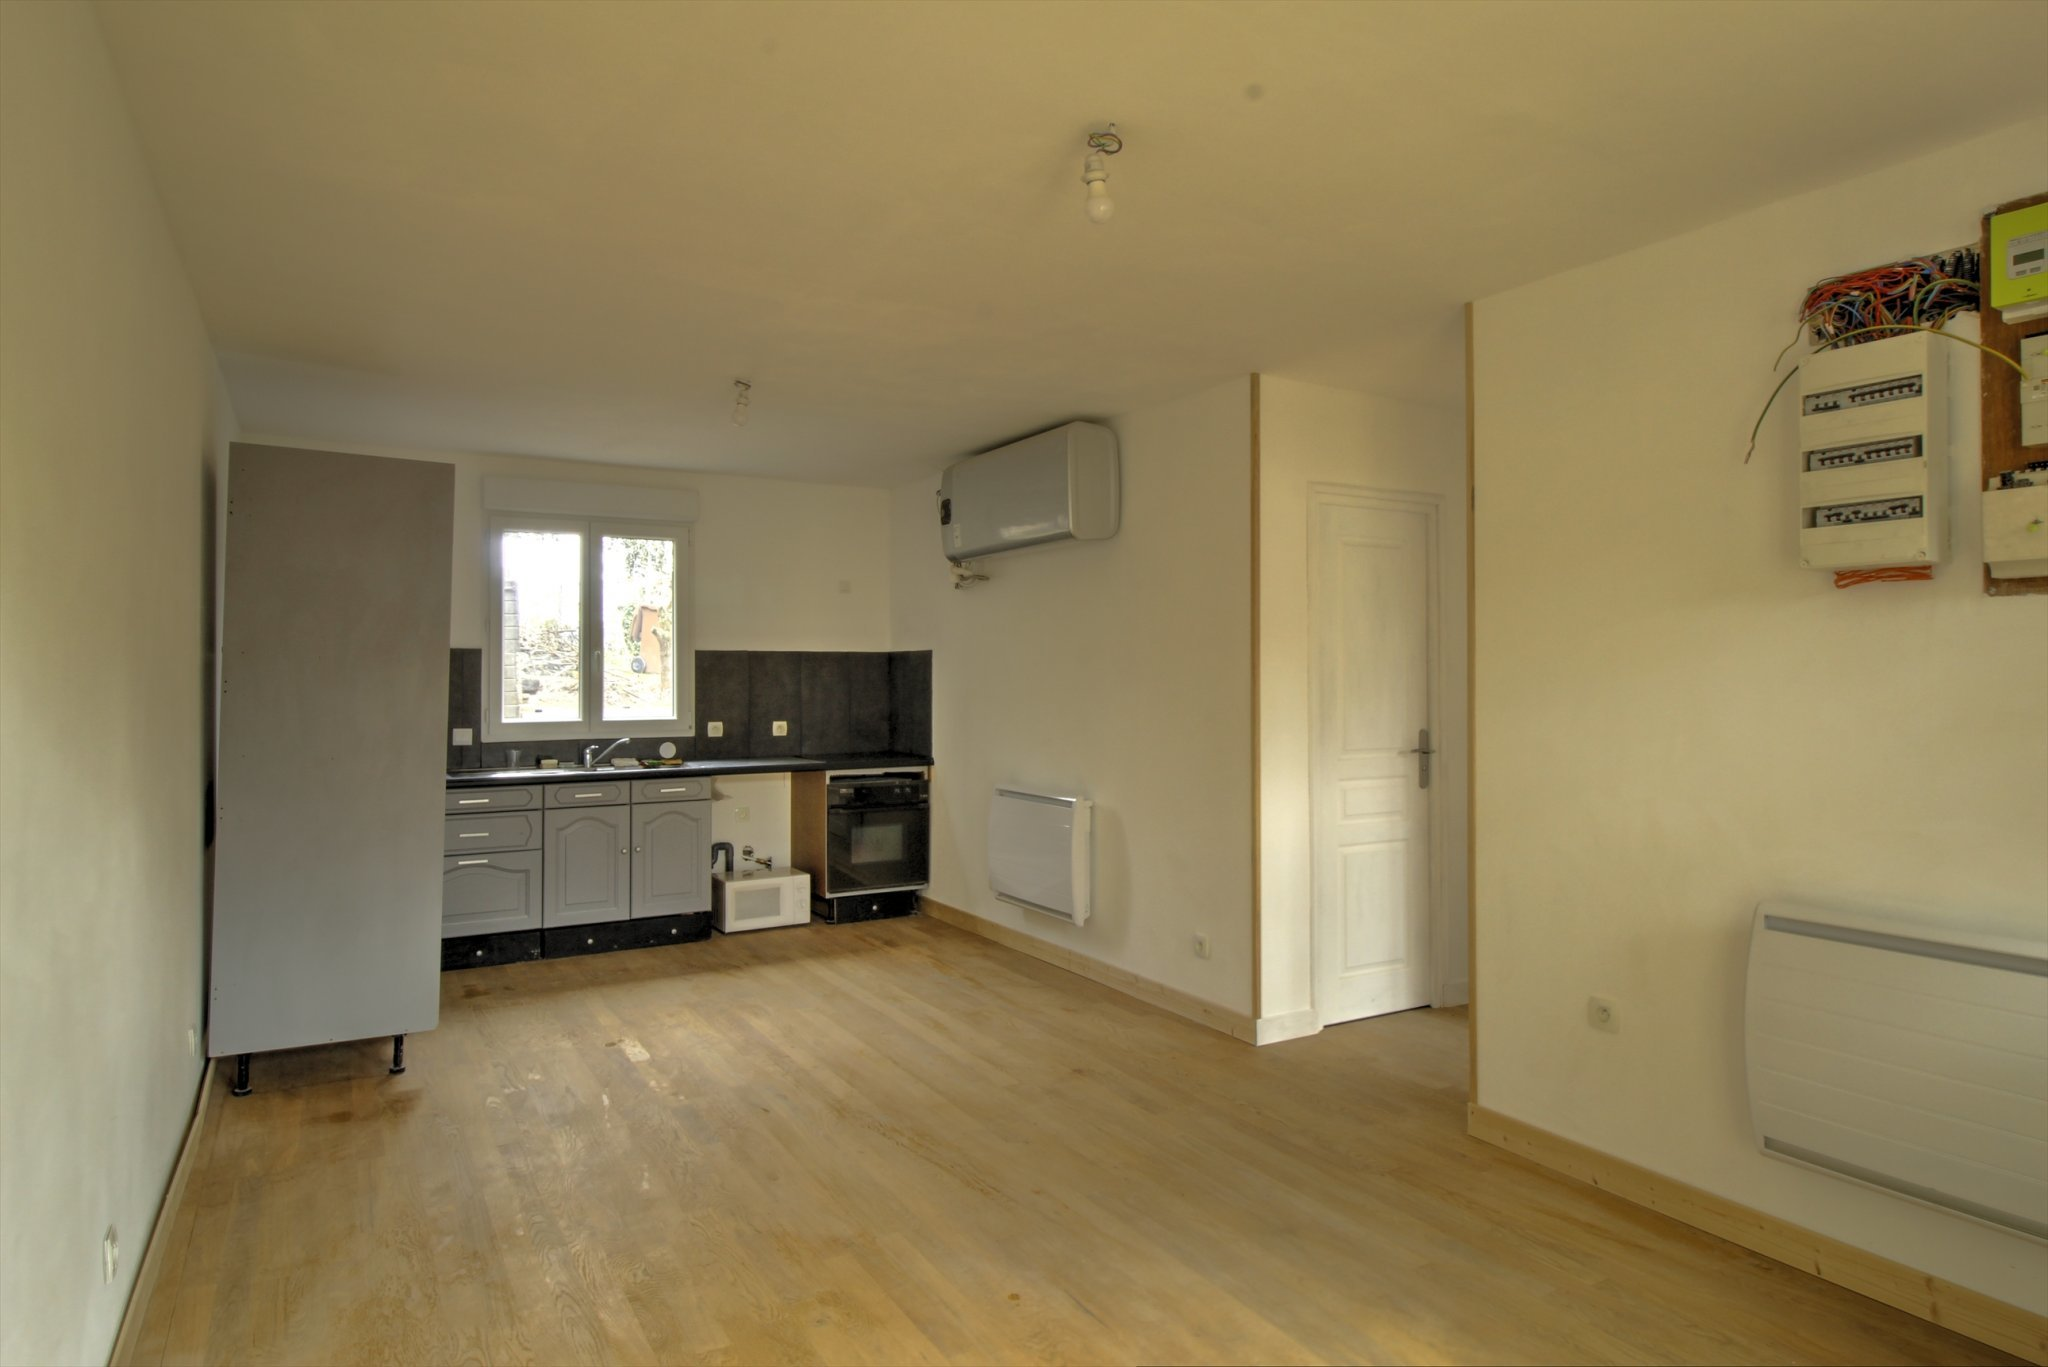 Appartement a louer houilles - 3 pièce(s) - 49 m2 - Surfyn